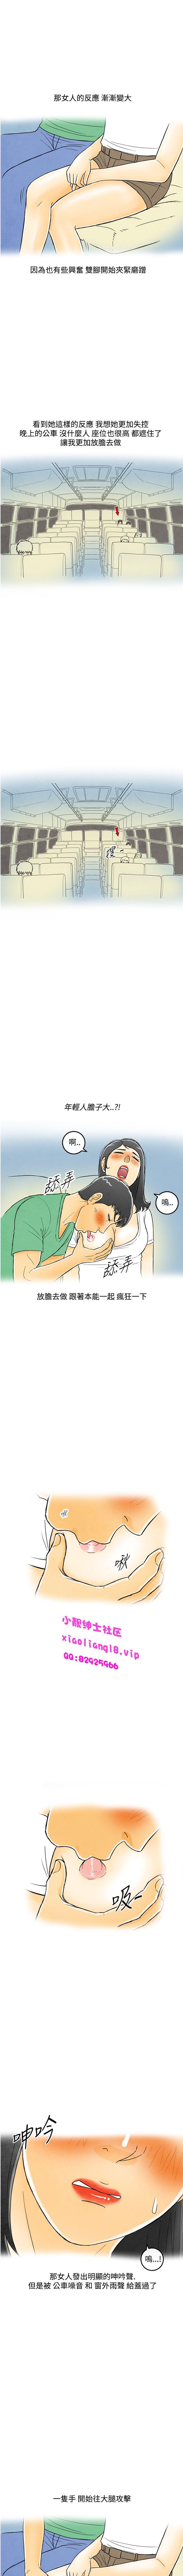 中文韩漫 离婚报告书 Ch.0-10 33